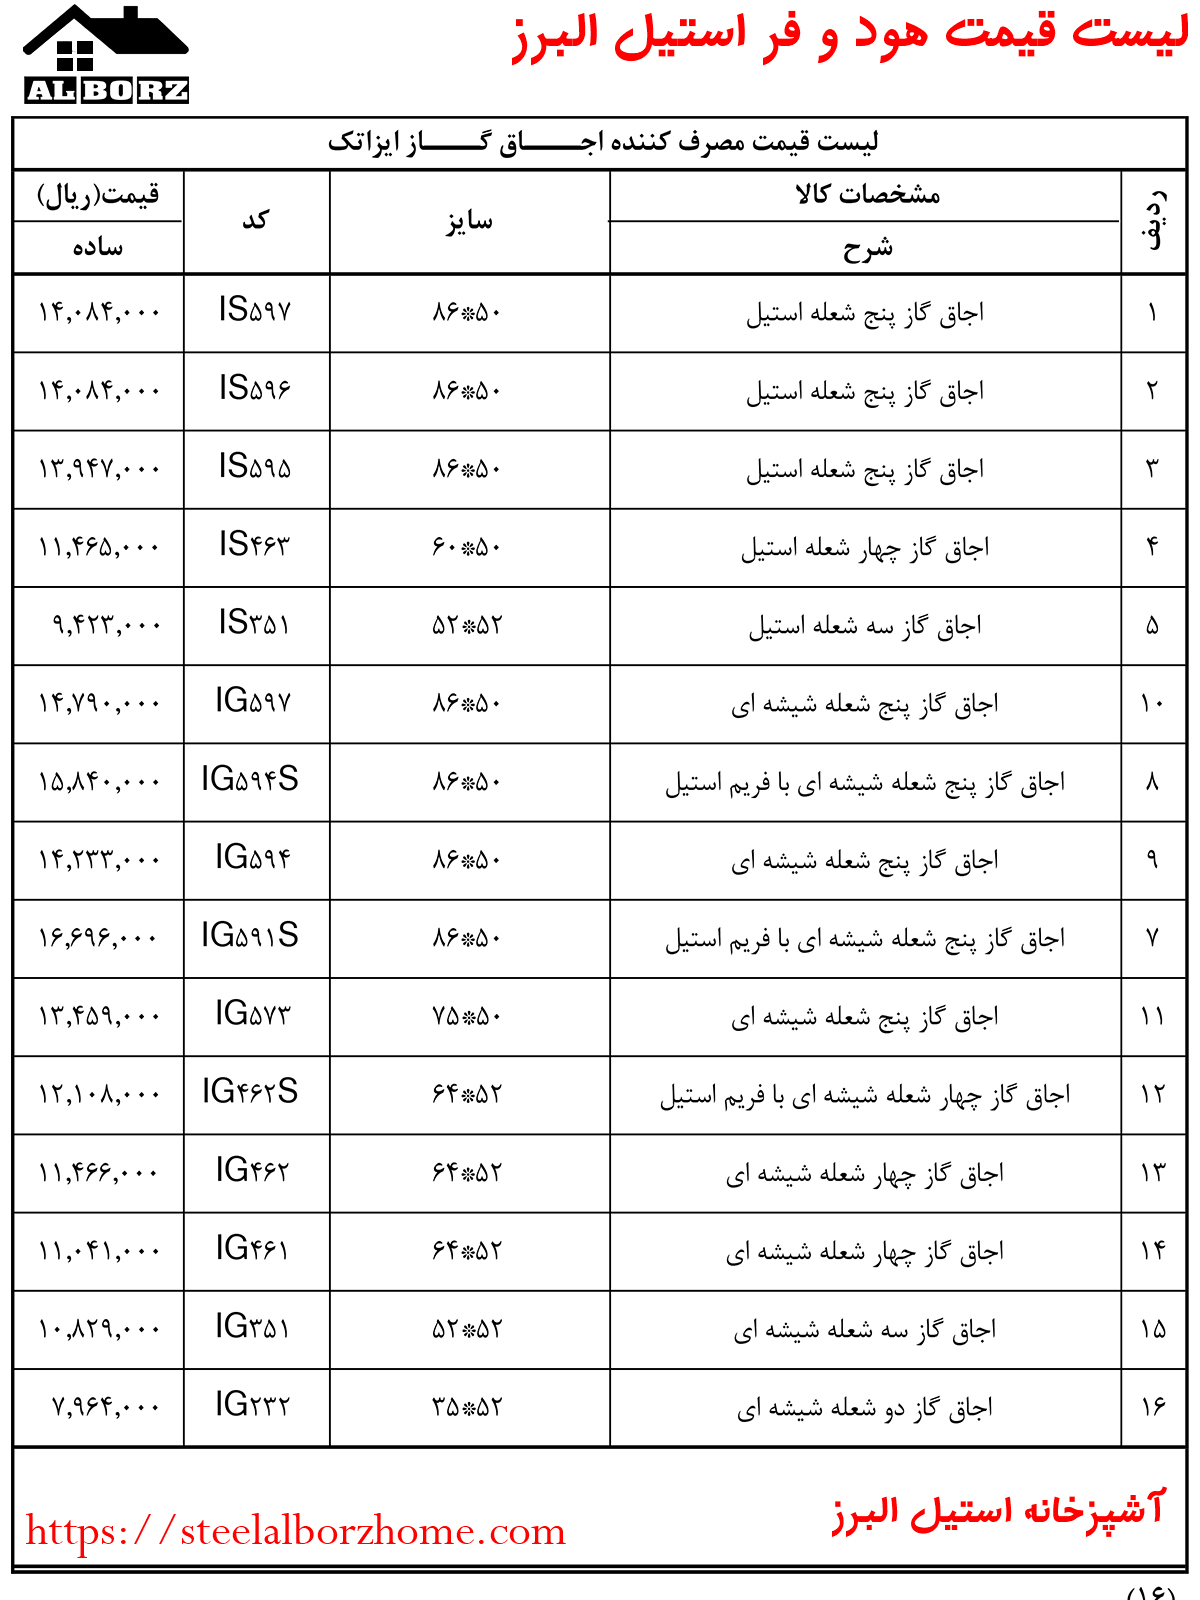 لیست قیمت محصولات استیل البرز